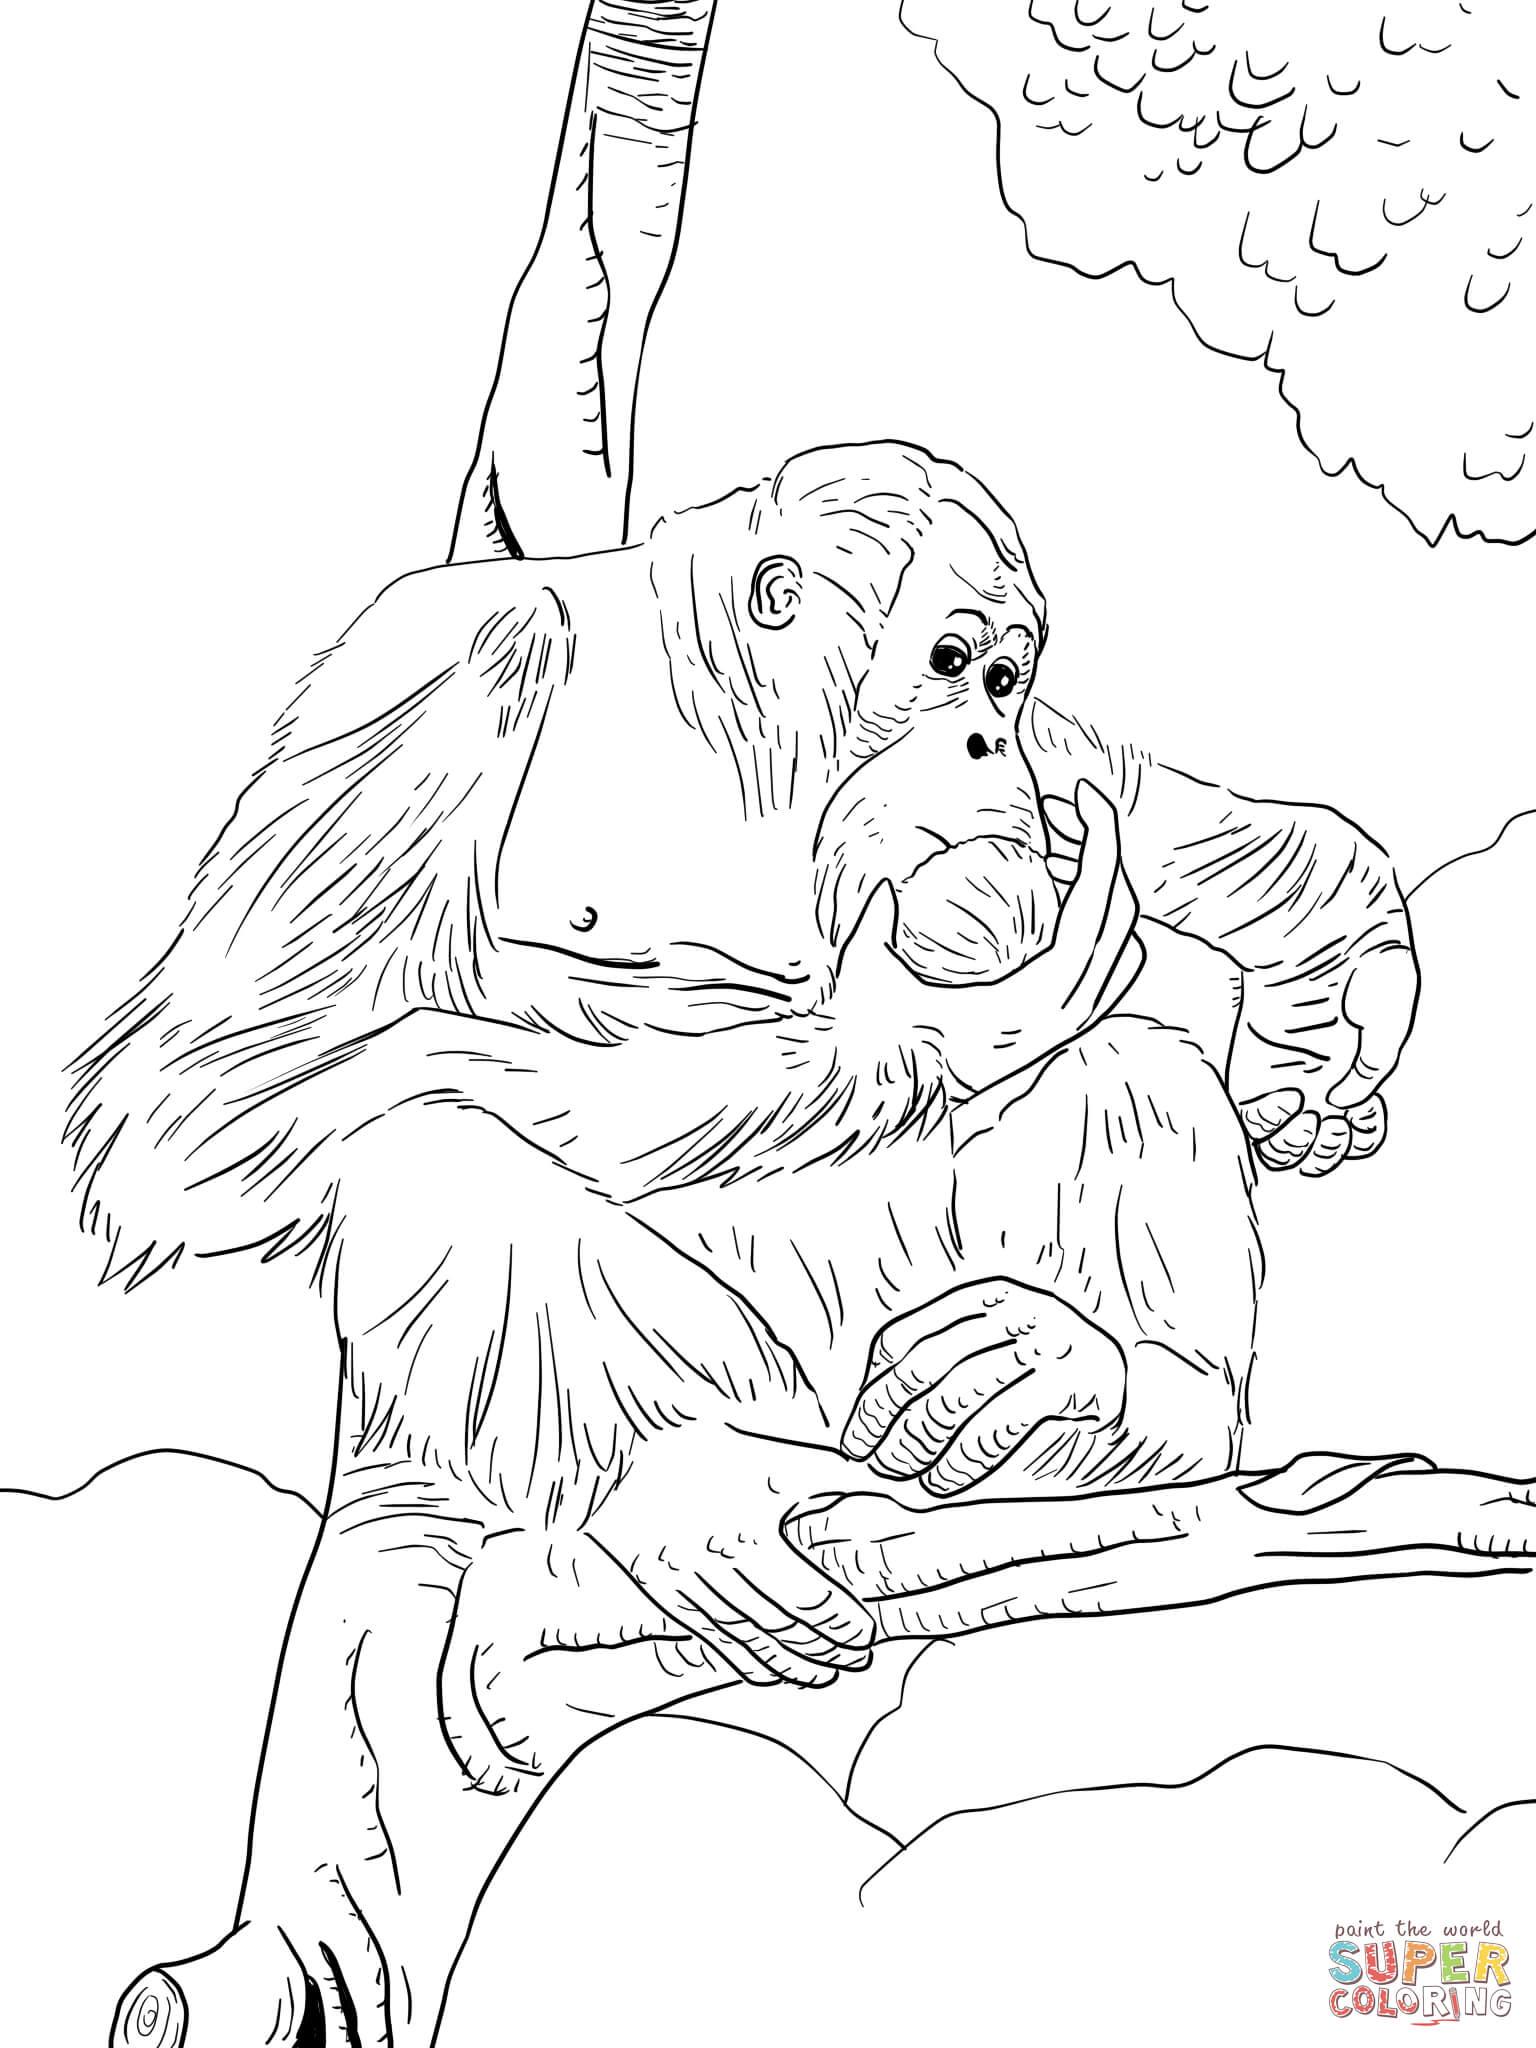 Orangutan coloring #6, Download drawings